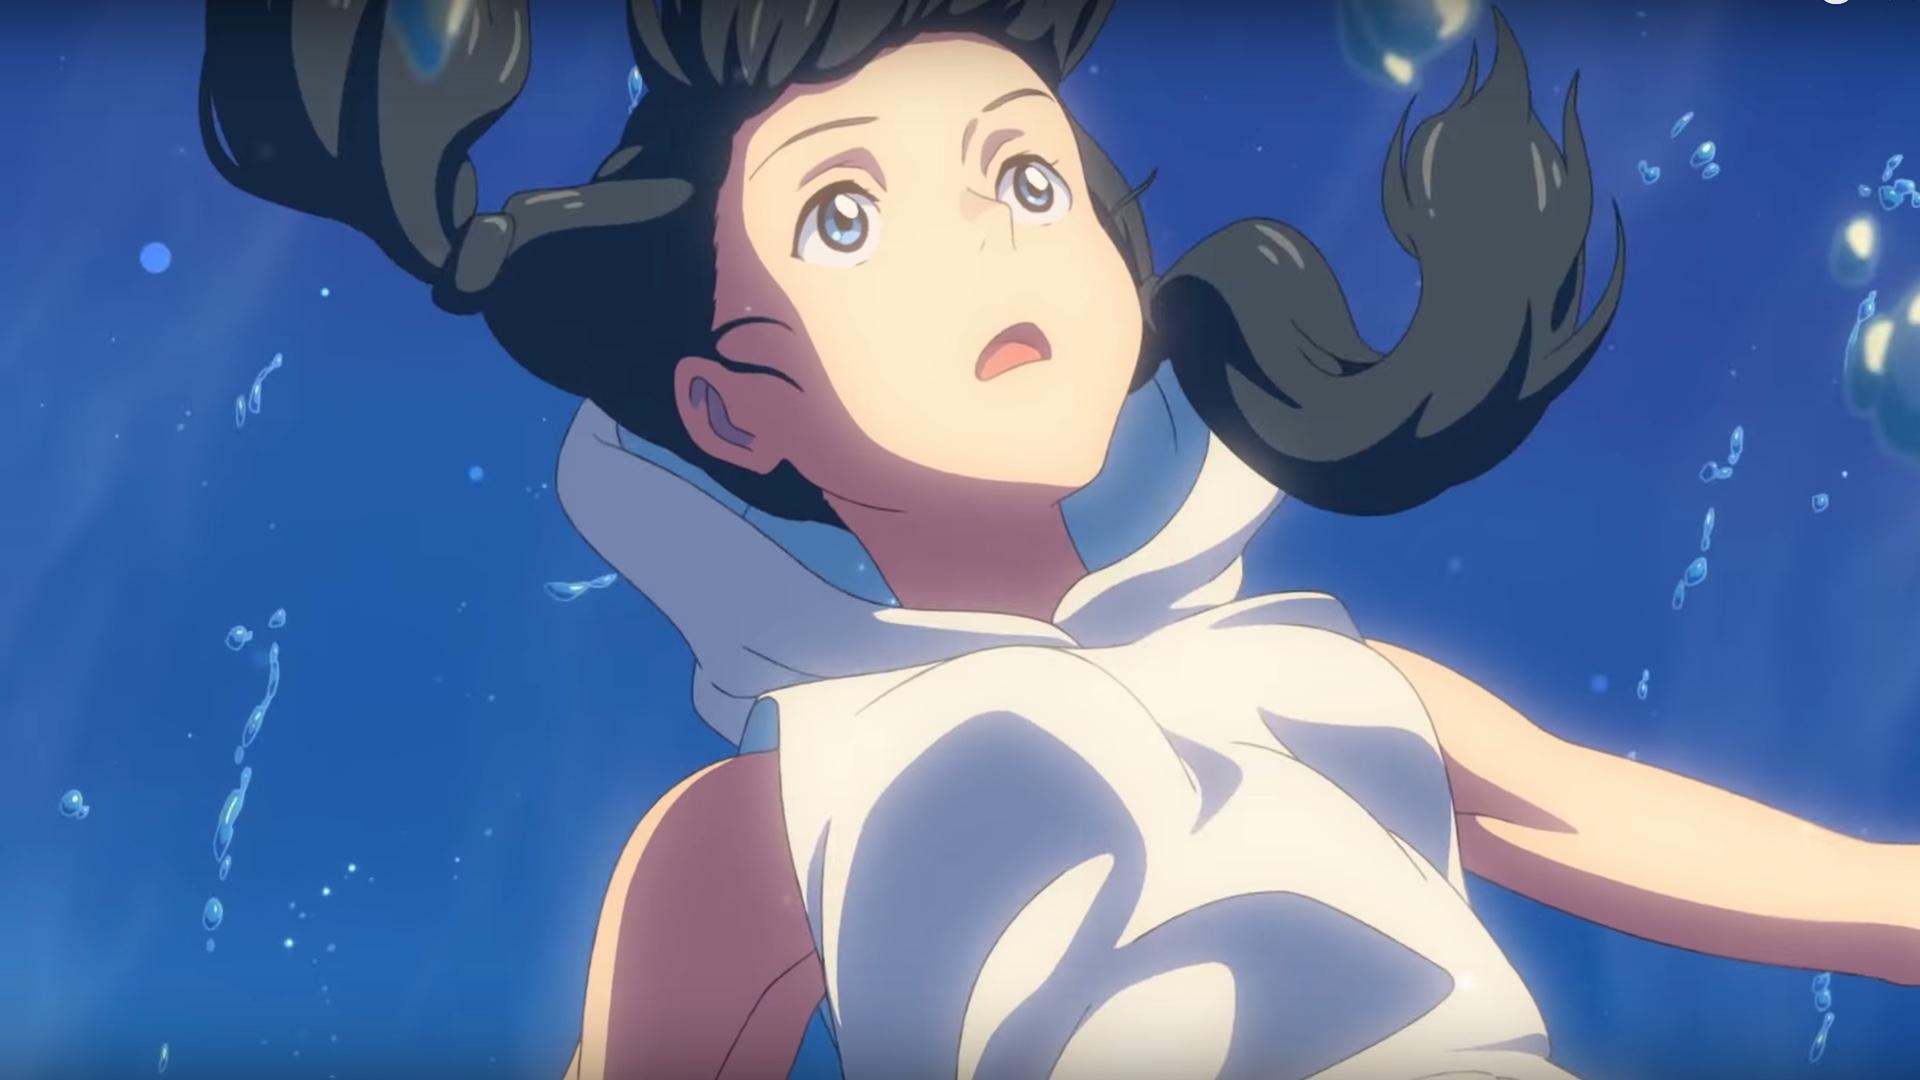 1000+ Gambar Anime Galau Hd  Gratis